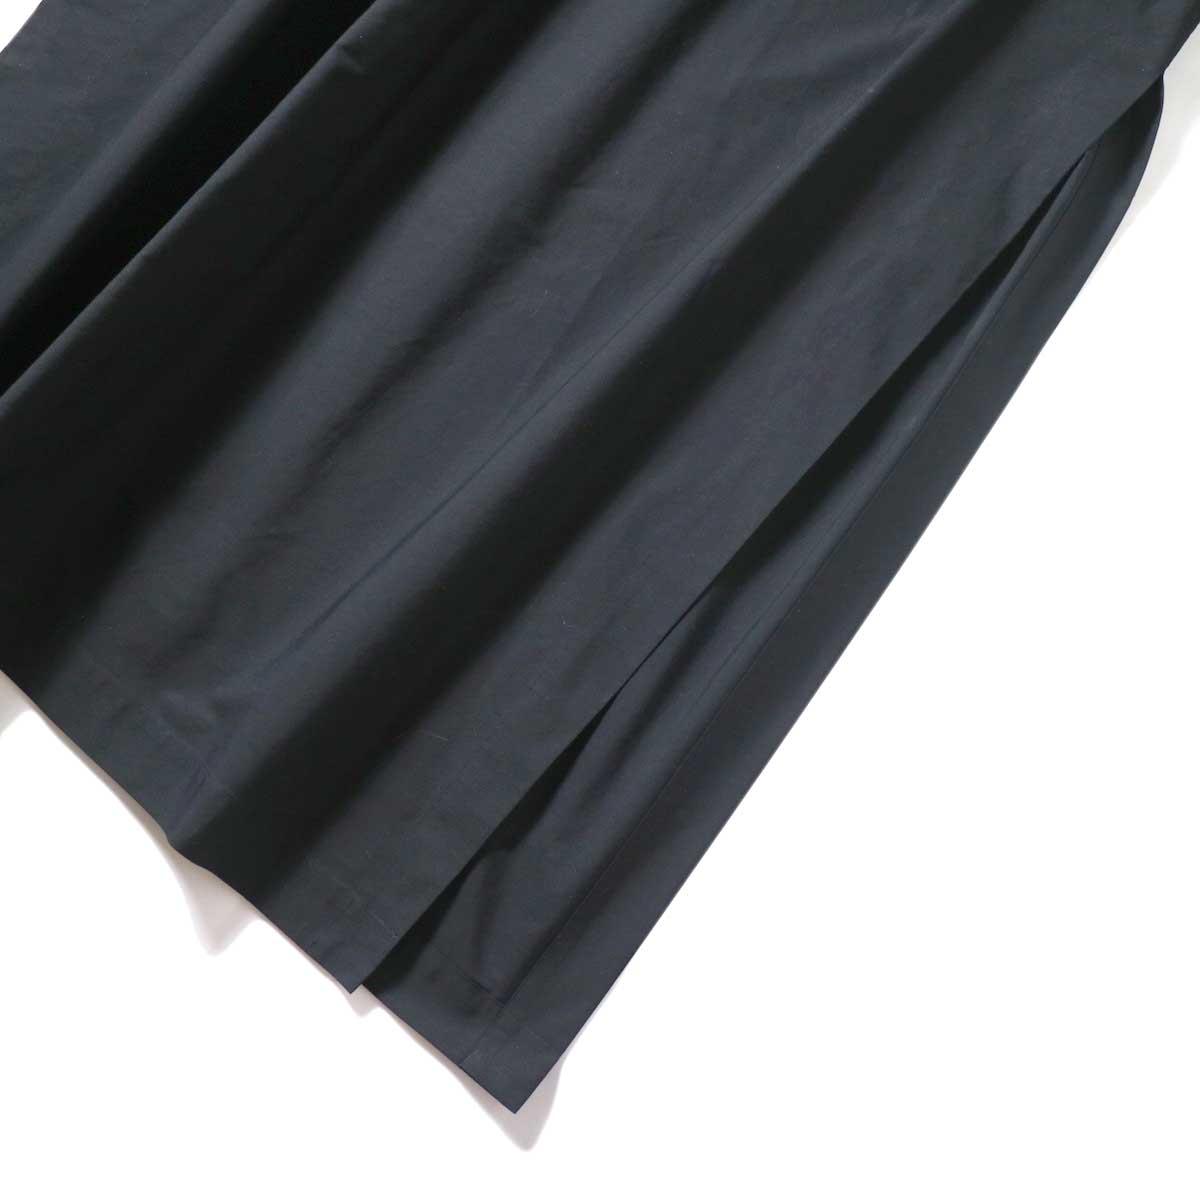 YLEVE / COTTON TYPEW RITER LONG KAFTAN SHIRT (Black) 裾